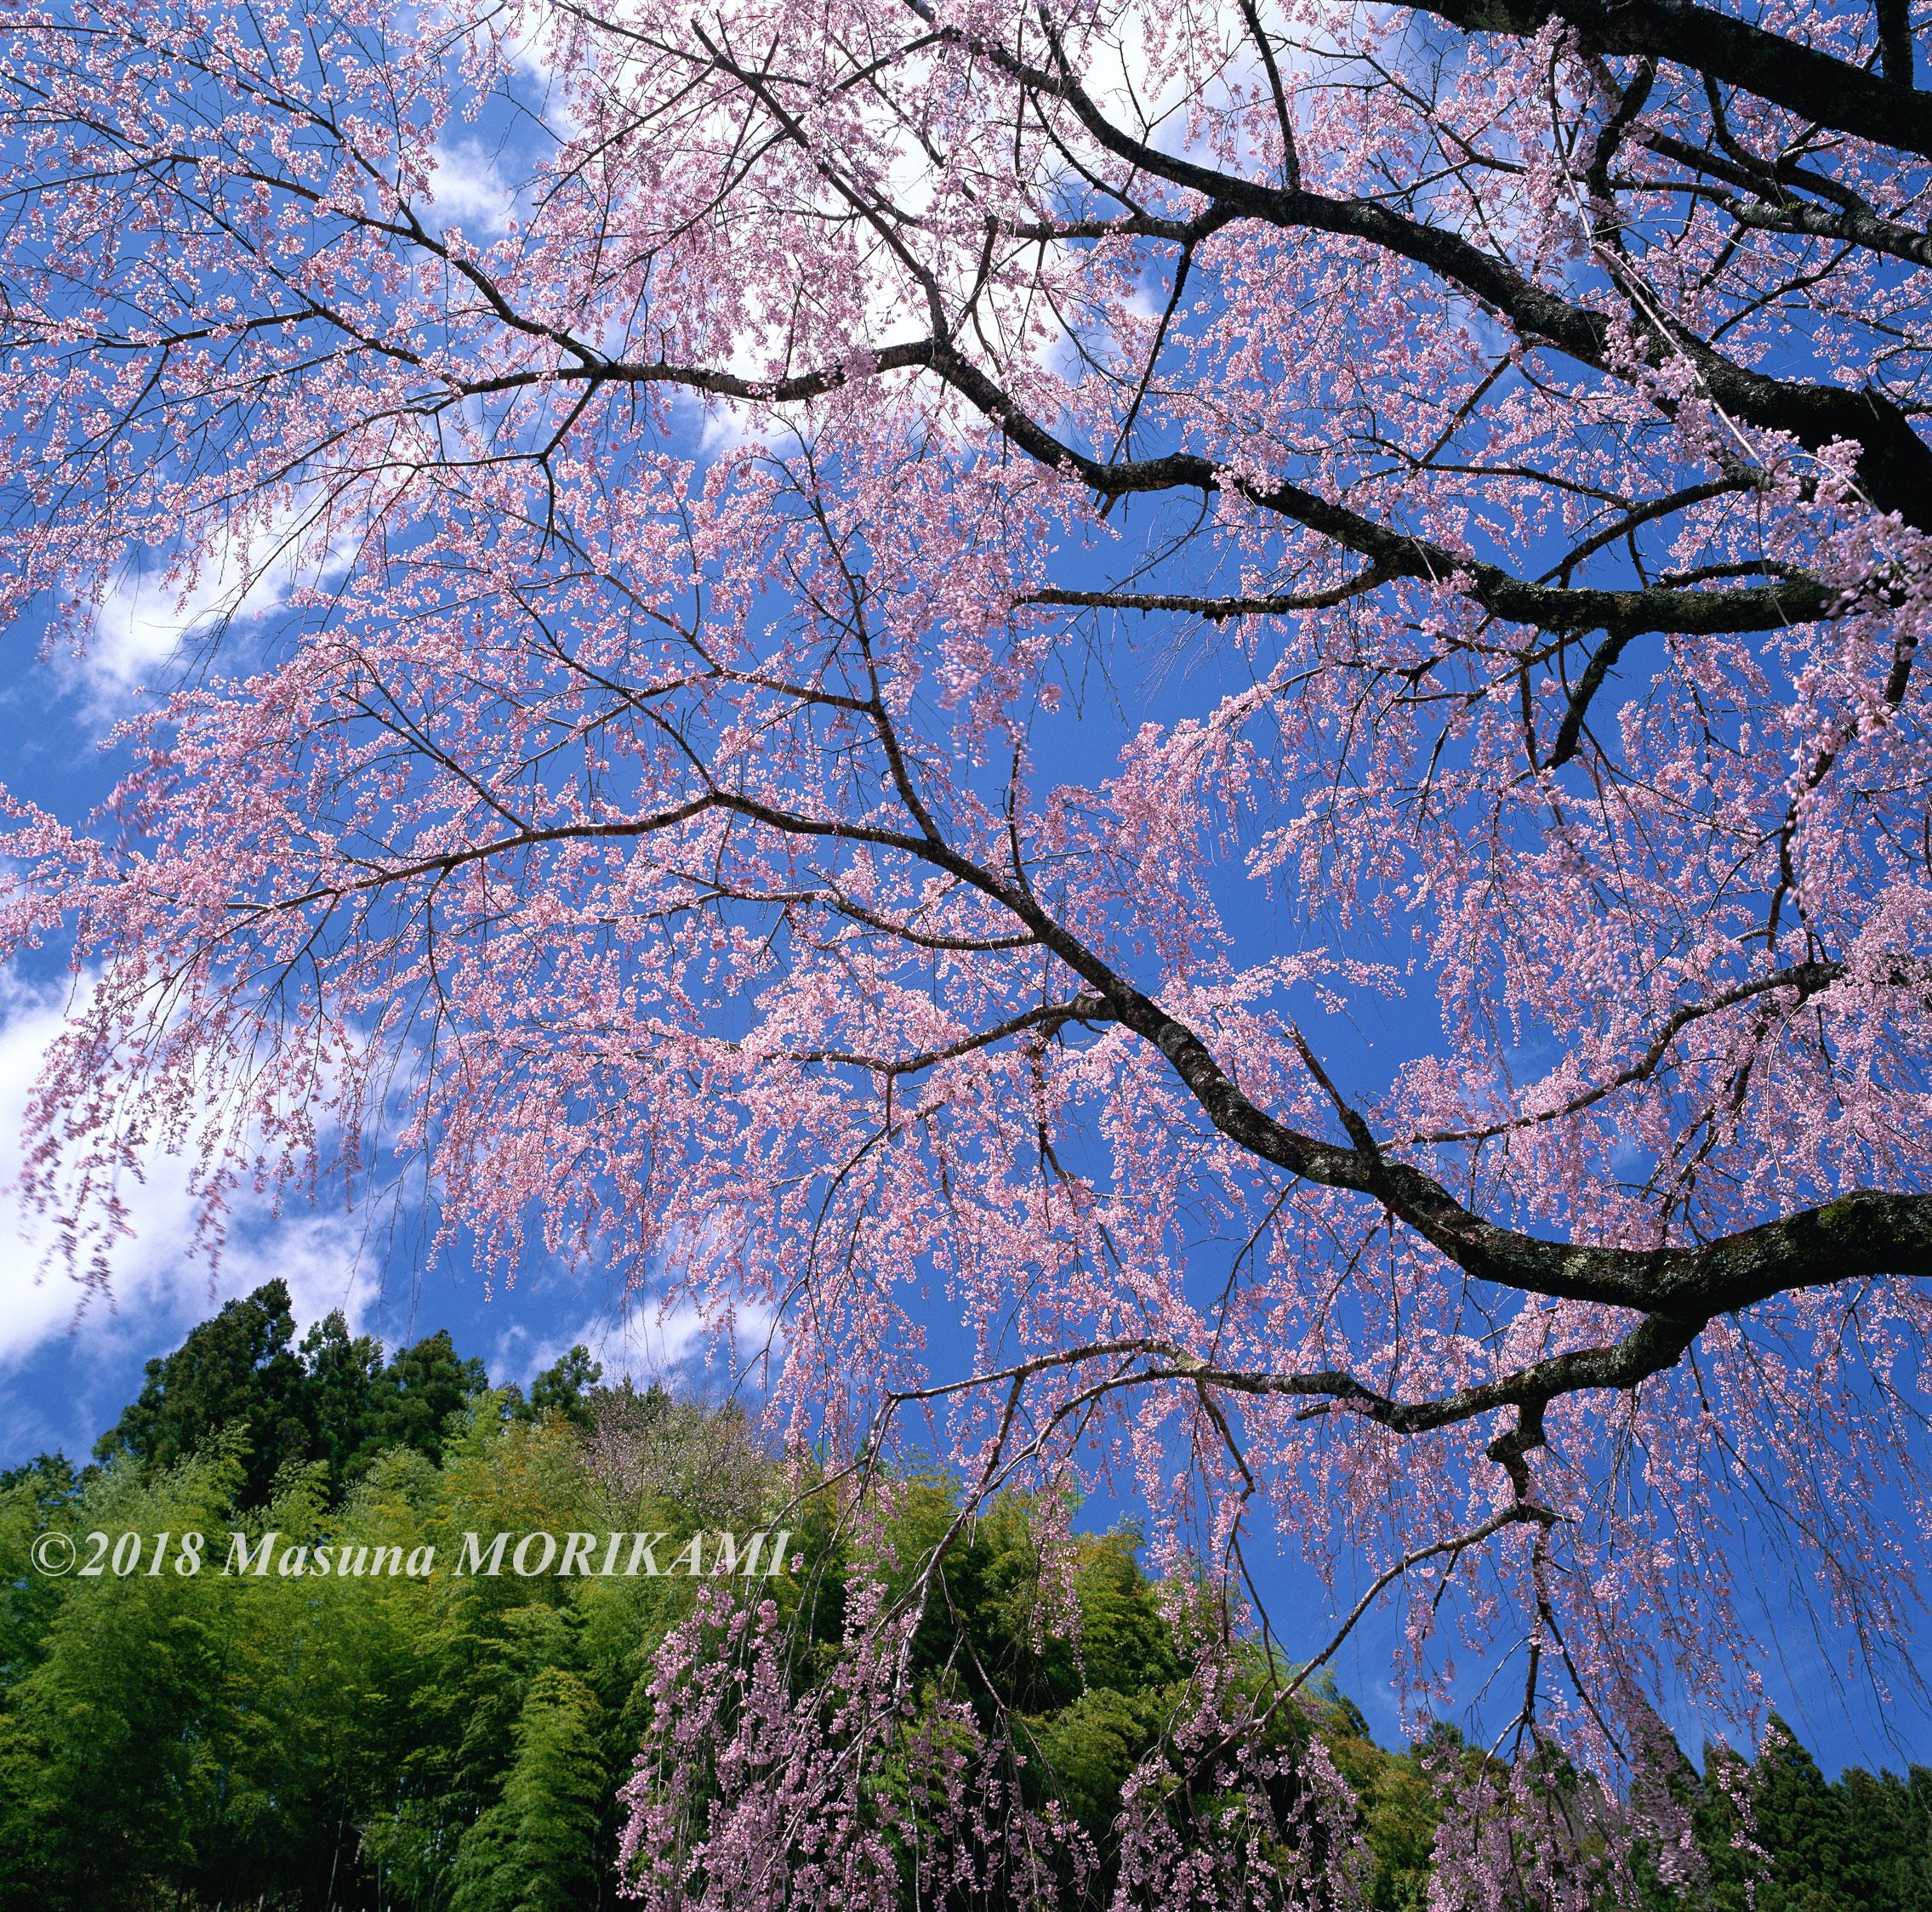 01 桜晴れ/愛知県豊根村/2006.4.16 13:10